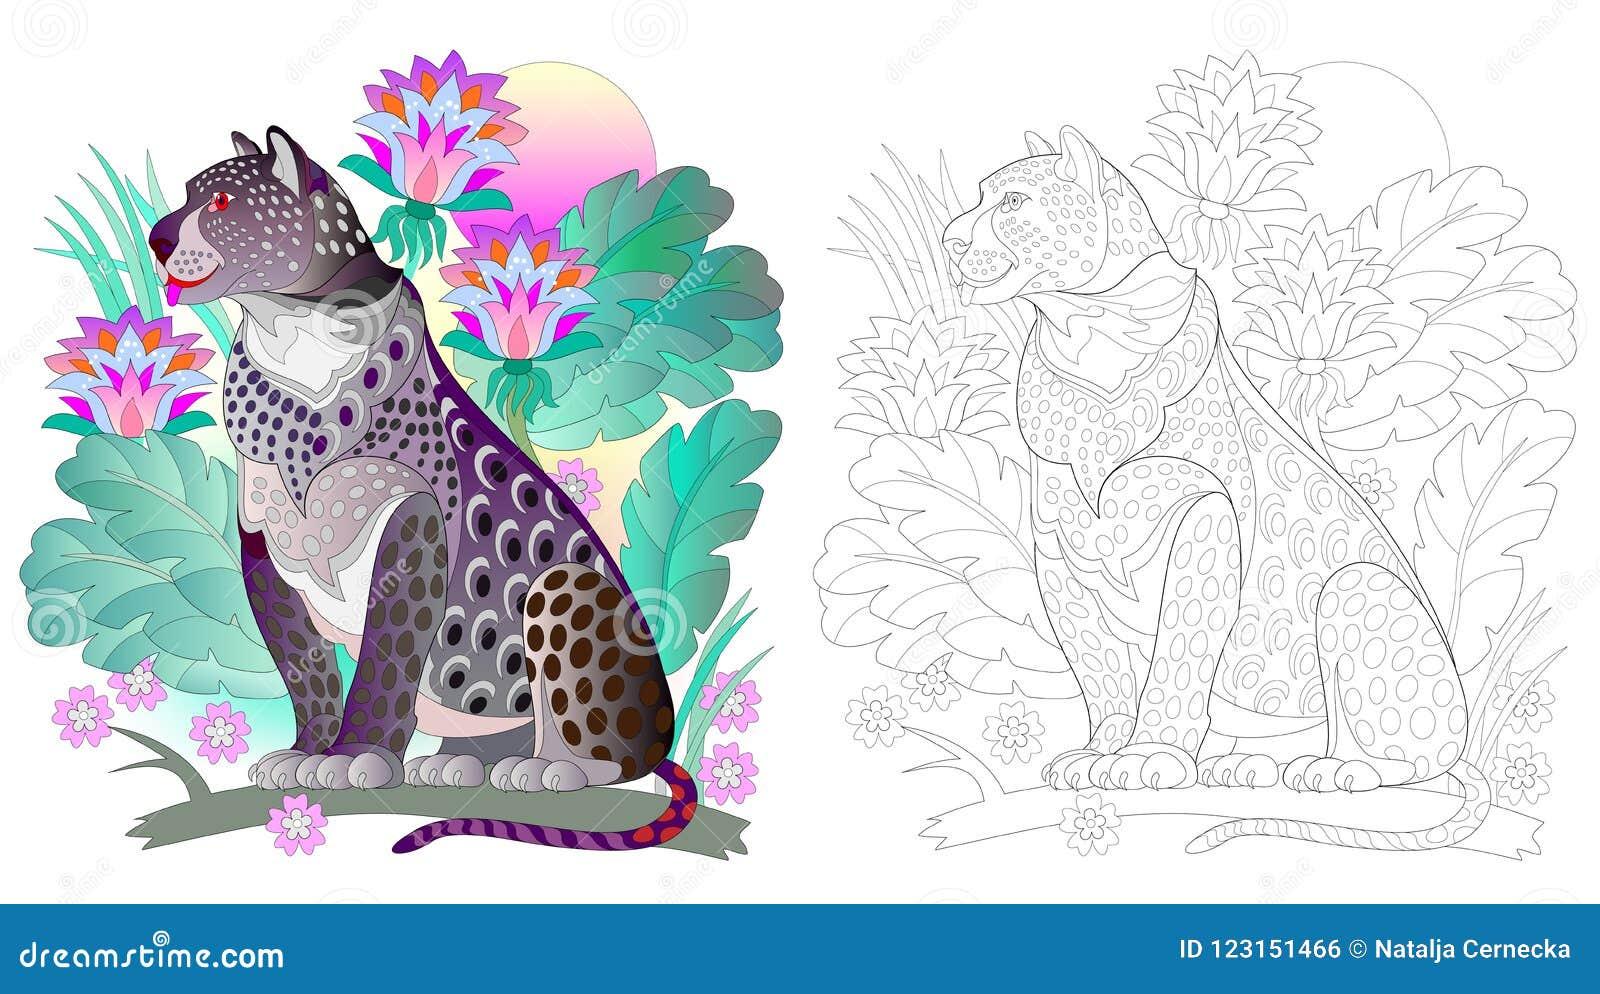 Modelo Colorido Y Blanco Y Negro Para Colorear Dibujo Del Leopardo